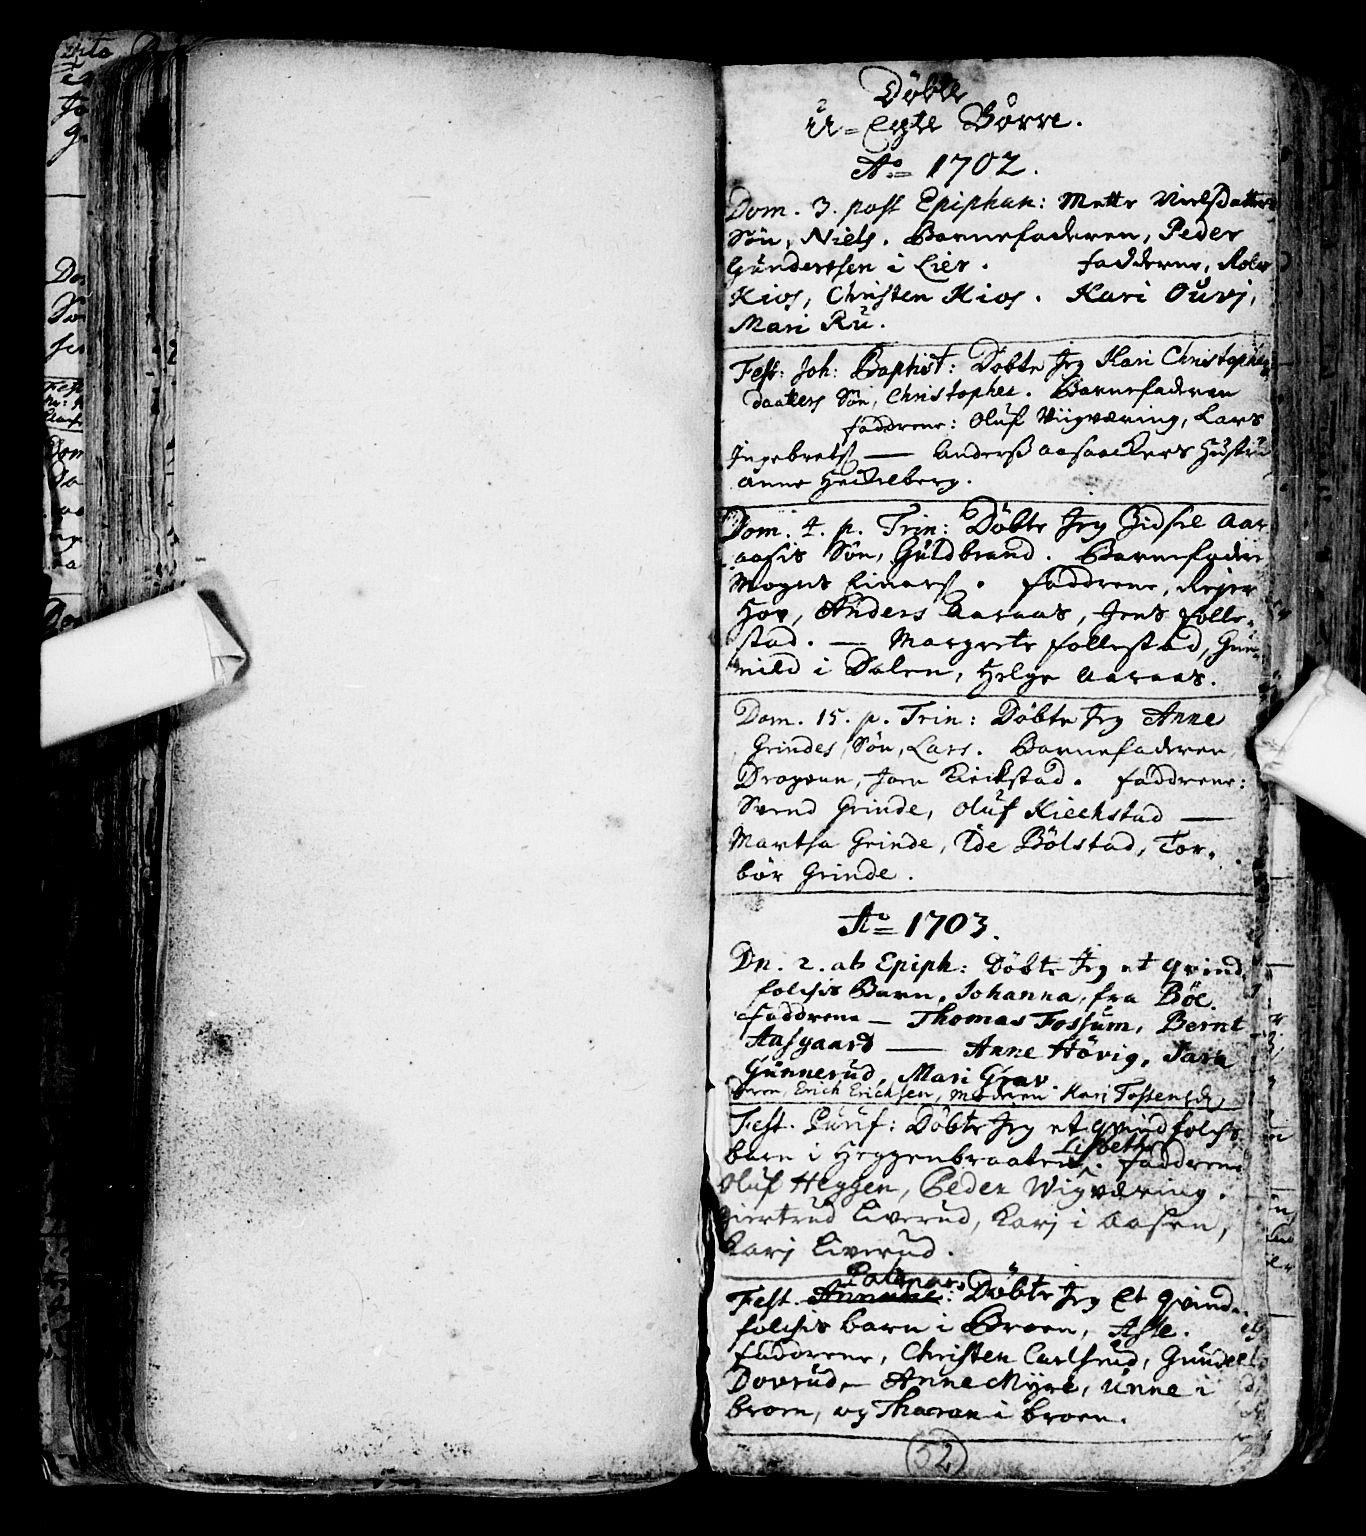 SAKO, Røyken kirkebøker, F/Fa/L0001: Ministerialbok nr. 1, 1701-1730, s. 52